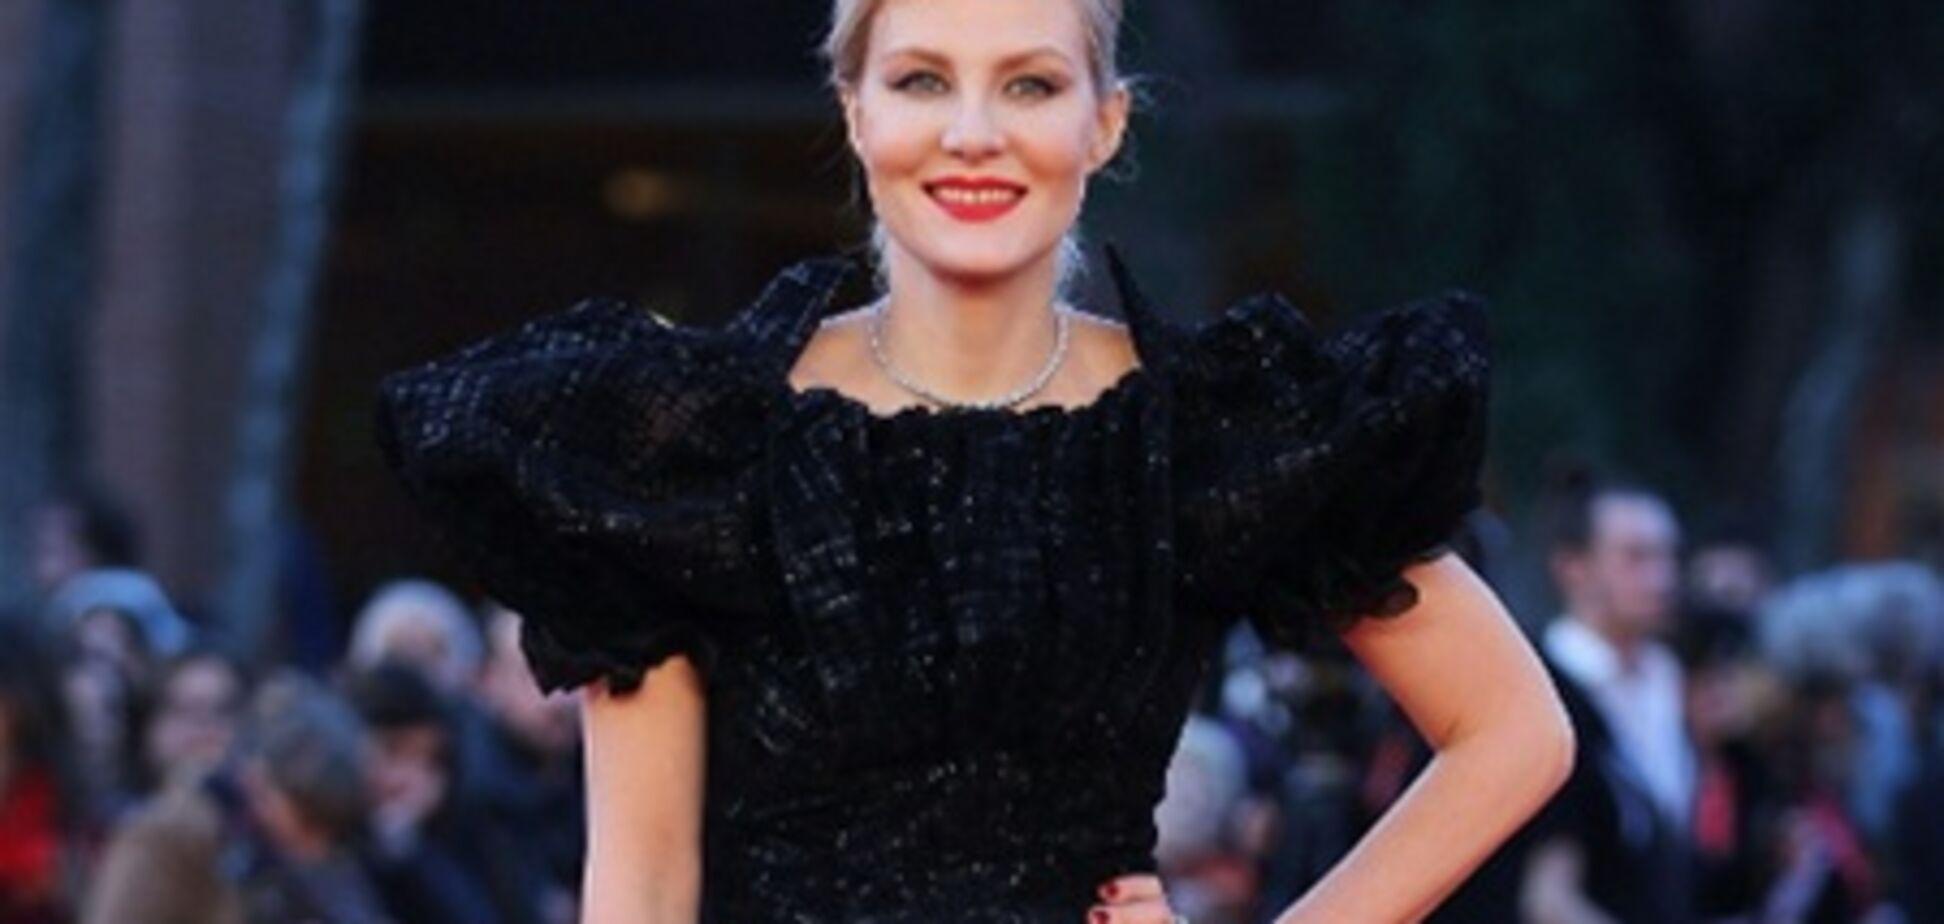 Рената Литвинова на красной дорожке Римского кинофестиваля